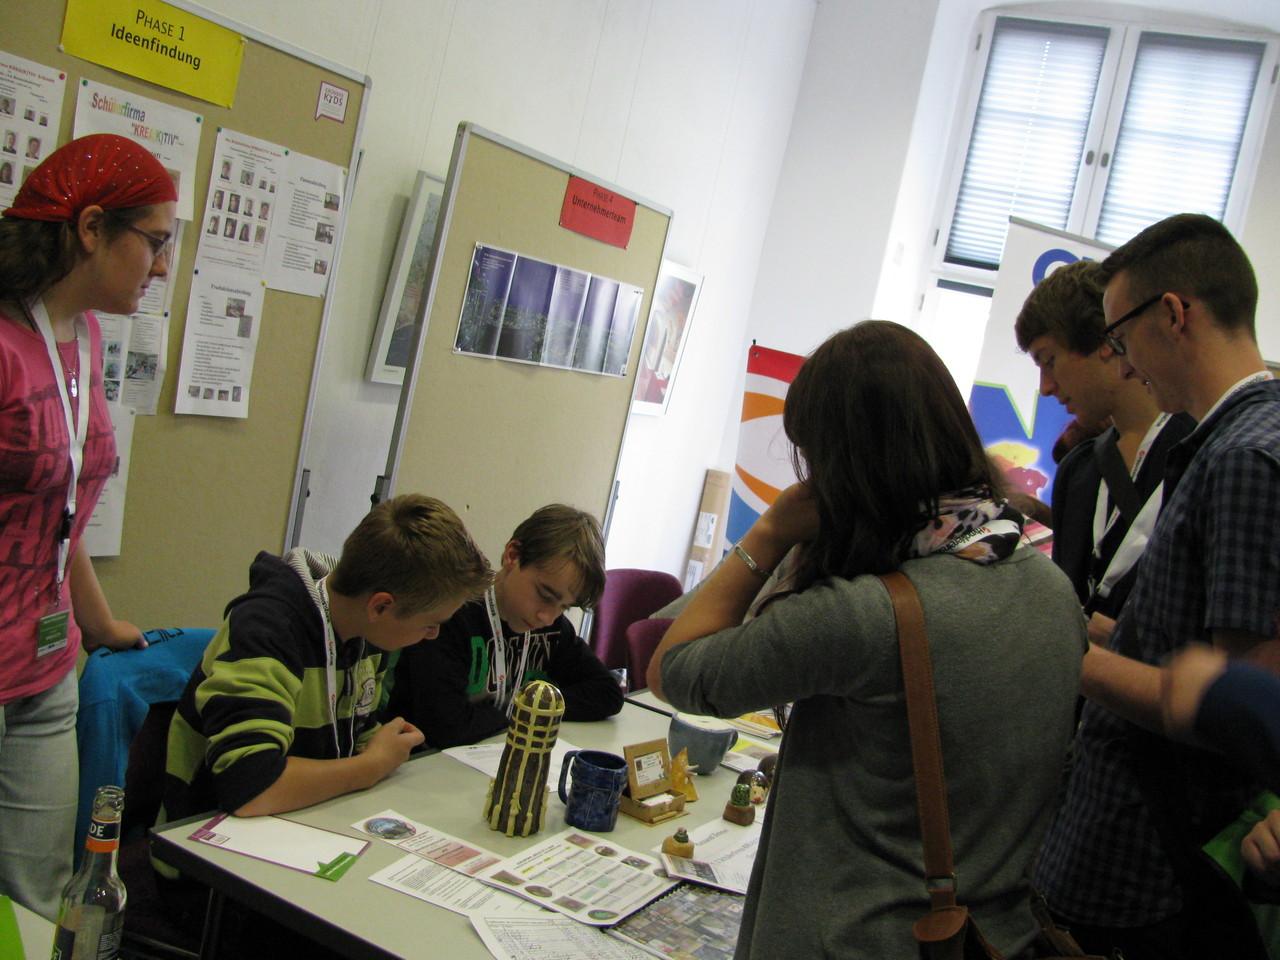 Sarah, Colin und Jonas prüfen die Ideenfindungen...